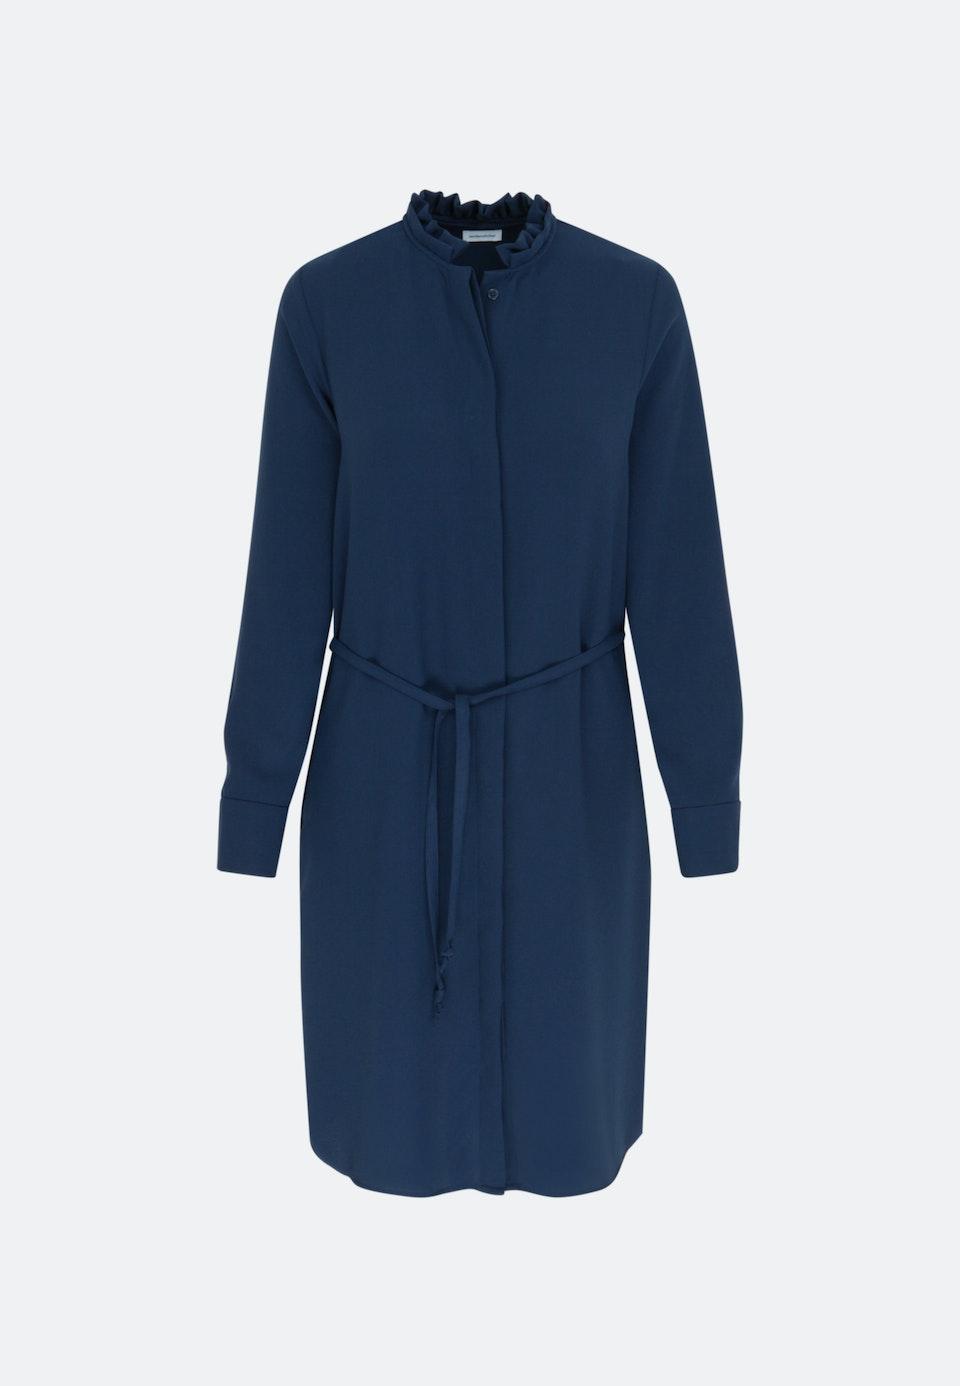 Popeline Midi Kleid aus 100% Polyester in Dunkelblau |  Seidensticker Onlineshop